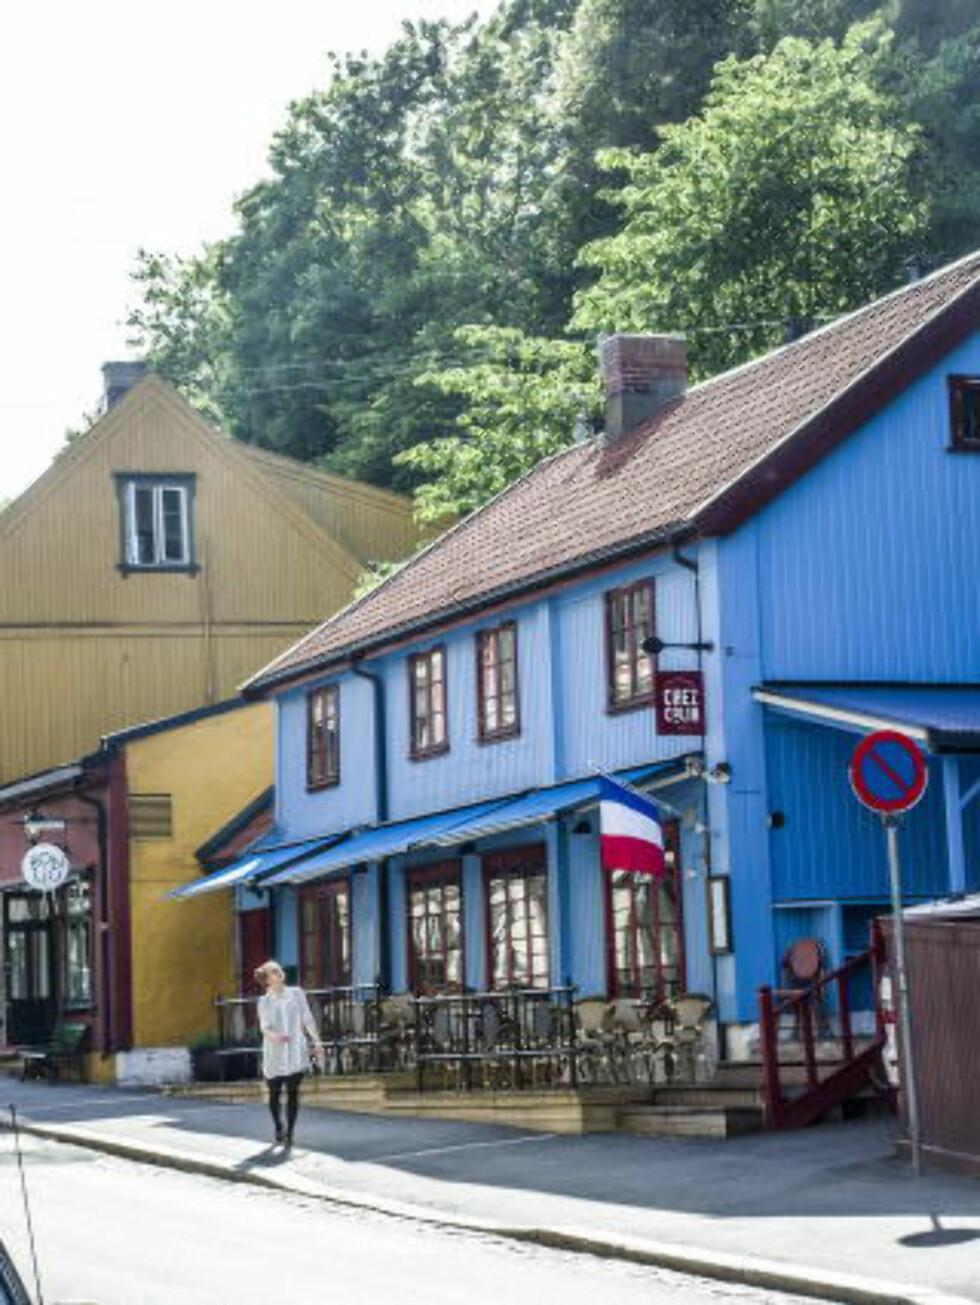 <strong>PITTORESK:</strong> Restaurant Chez Colin ligger idyllisk til i et gammelt trehus på Fredensborg, rett ved siden av den katalanske restauranten Bon Lio. Foto: THOMAS RASMUS SKAUG